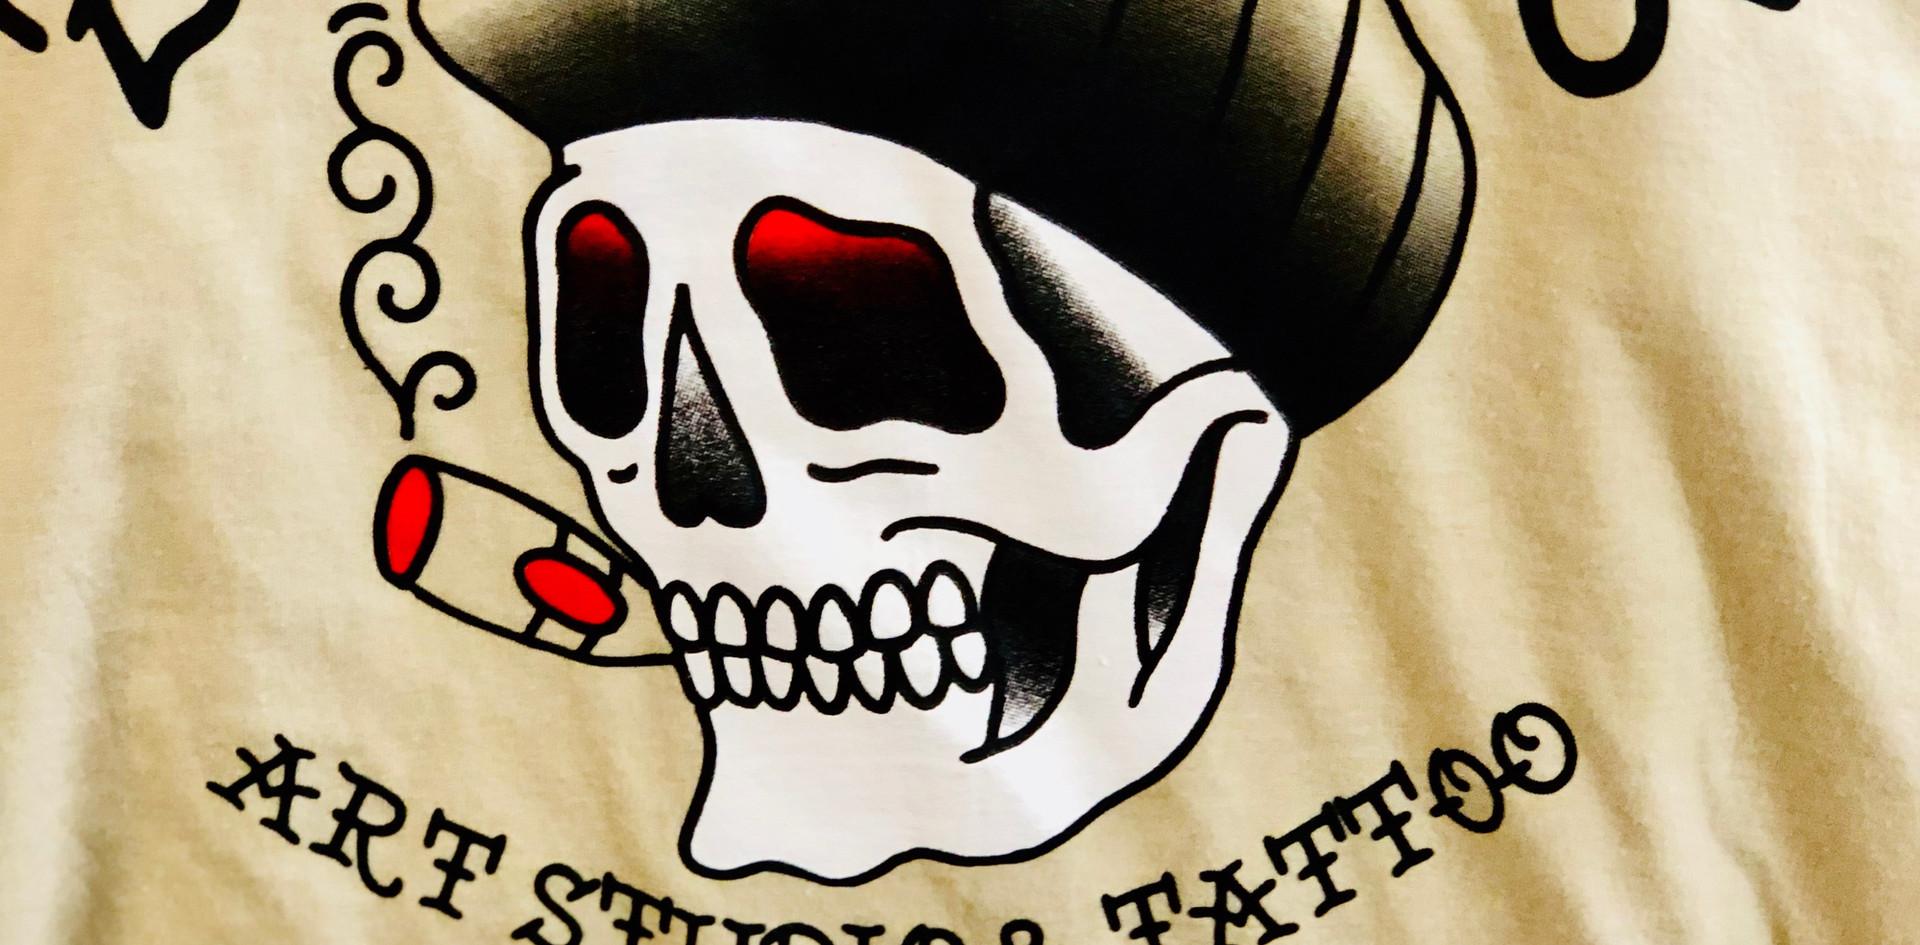 Stogie Skull